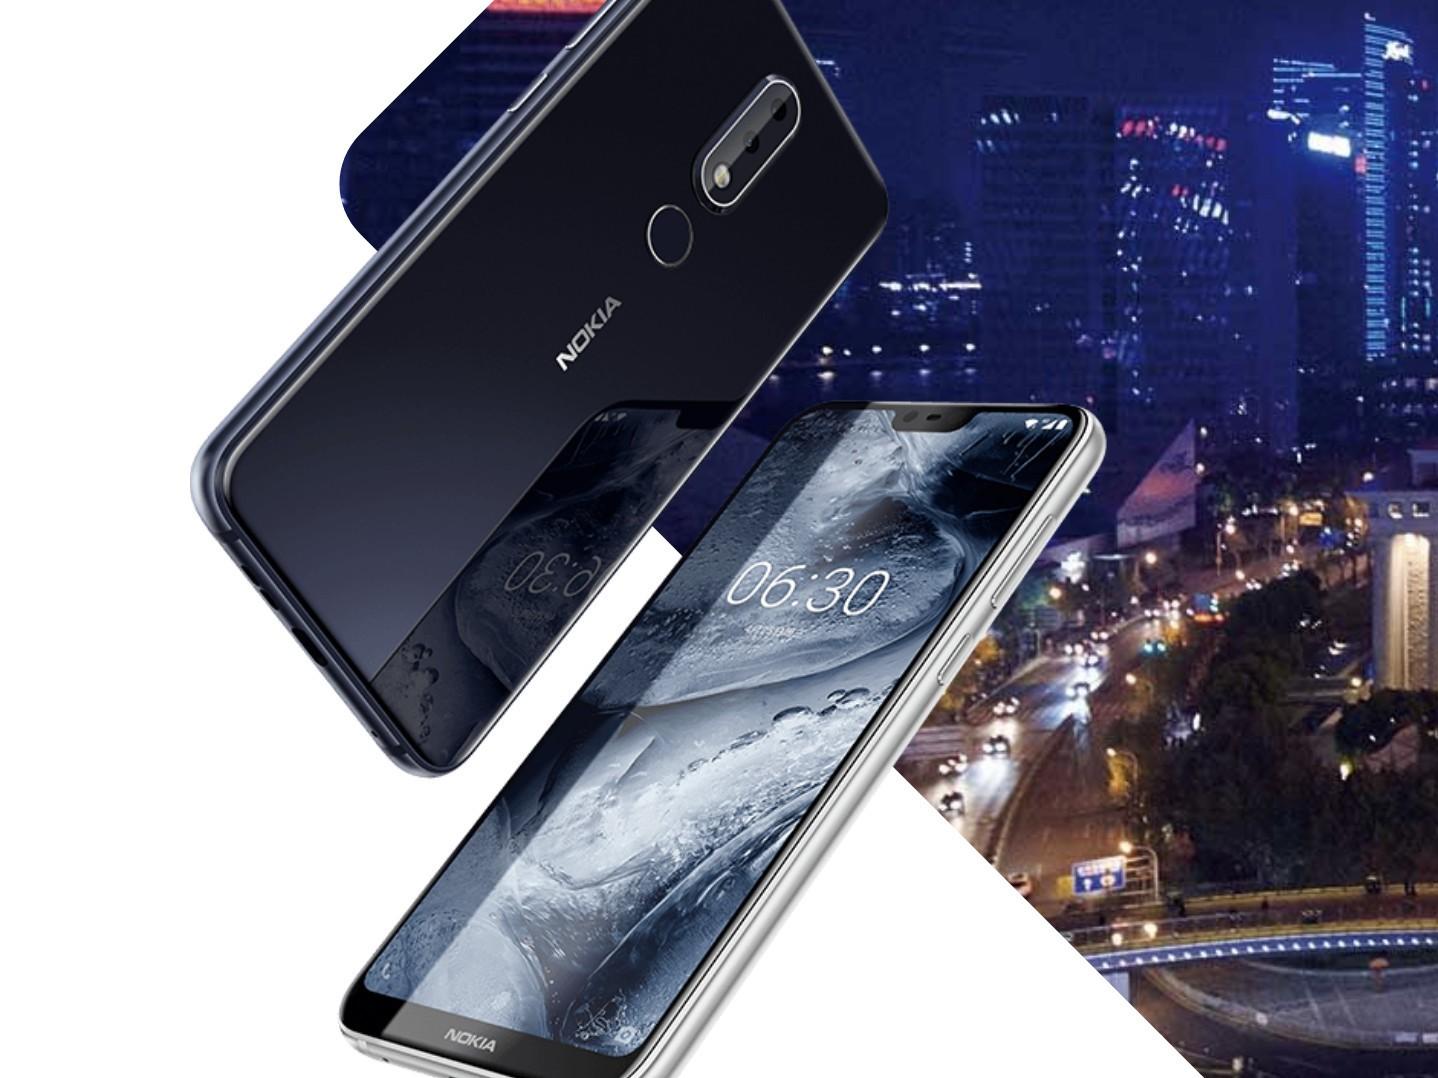 700,000 نسخة تم بيعها من هاتف نوكيا X6 خلال 10 ثوان ! - تكنولوجيا نيوز